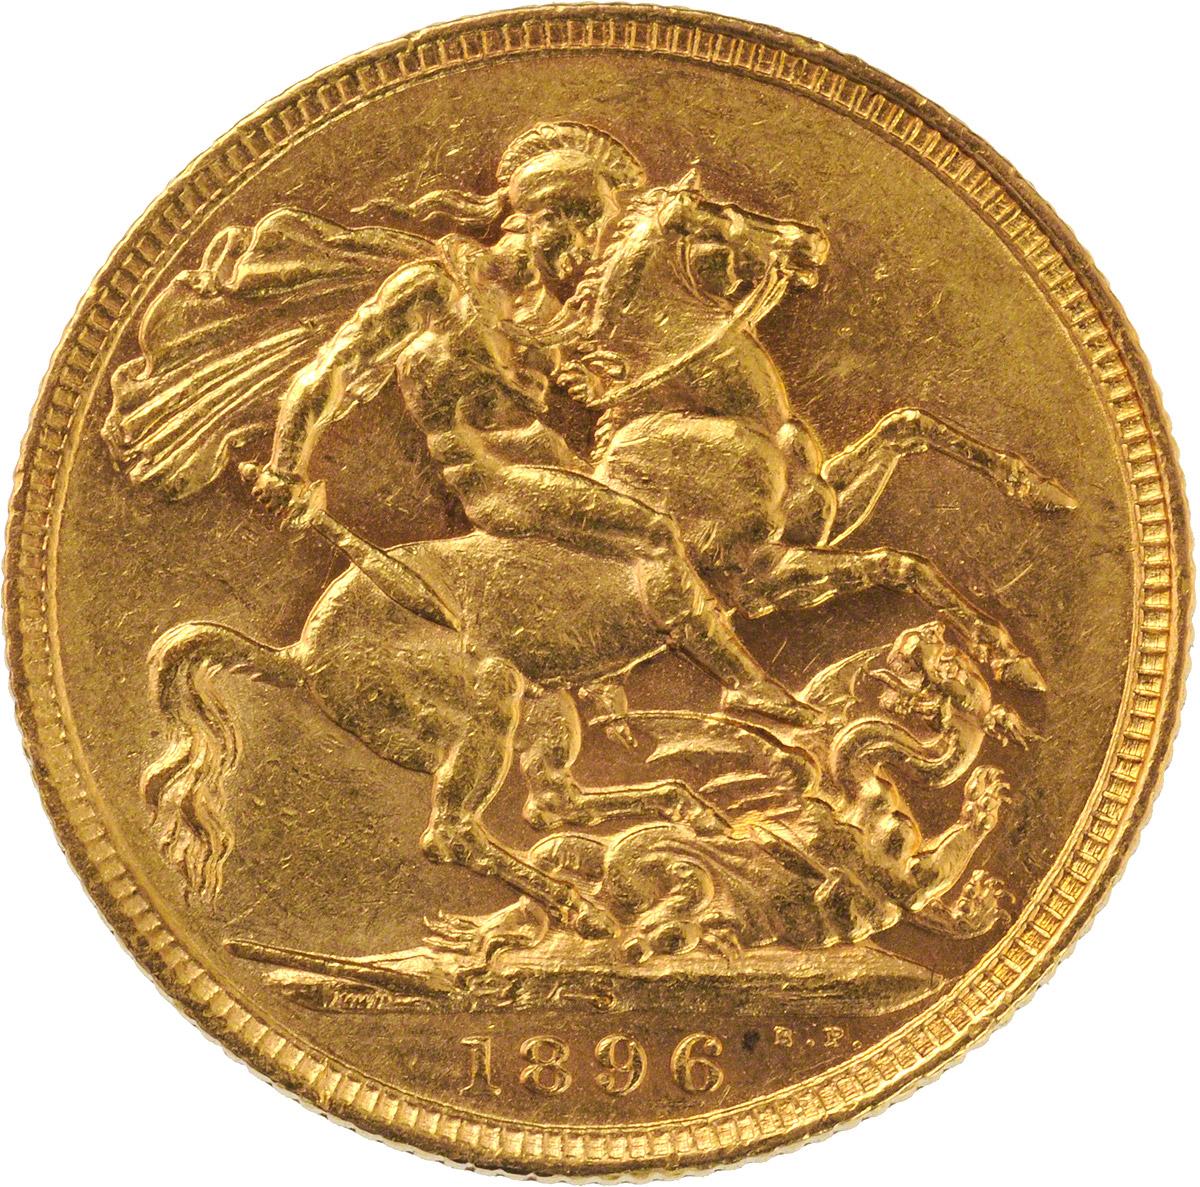 1896 Βικτώρια (Νομισματοκοπείο Σίδνεϊ)